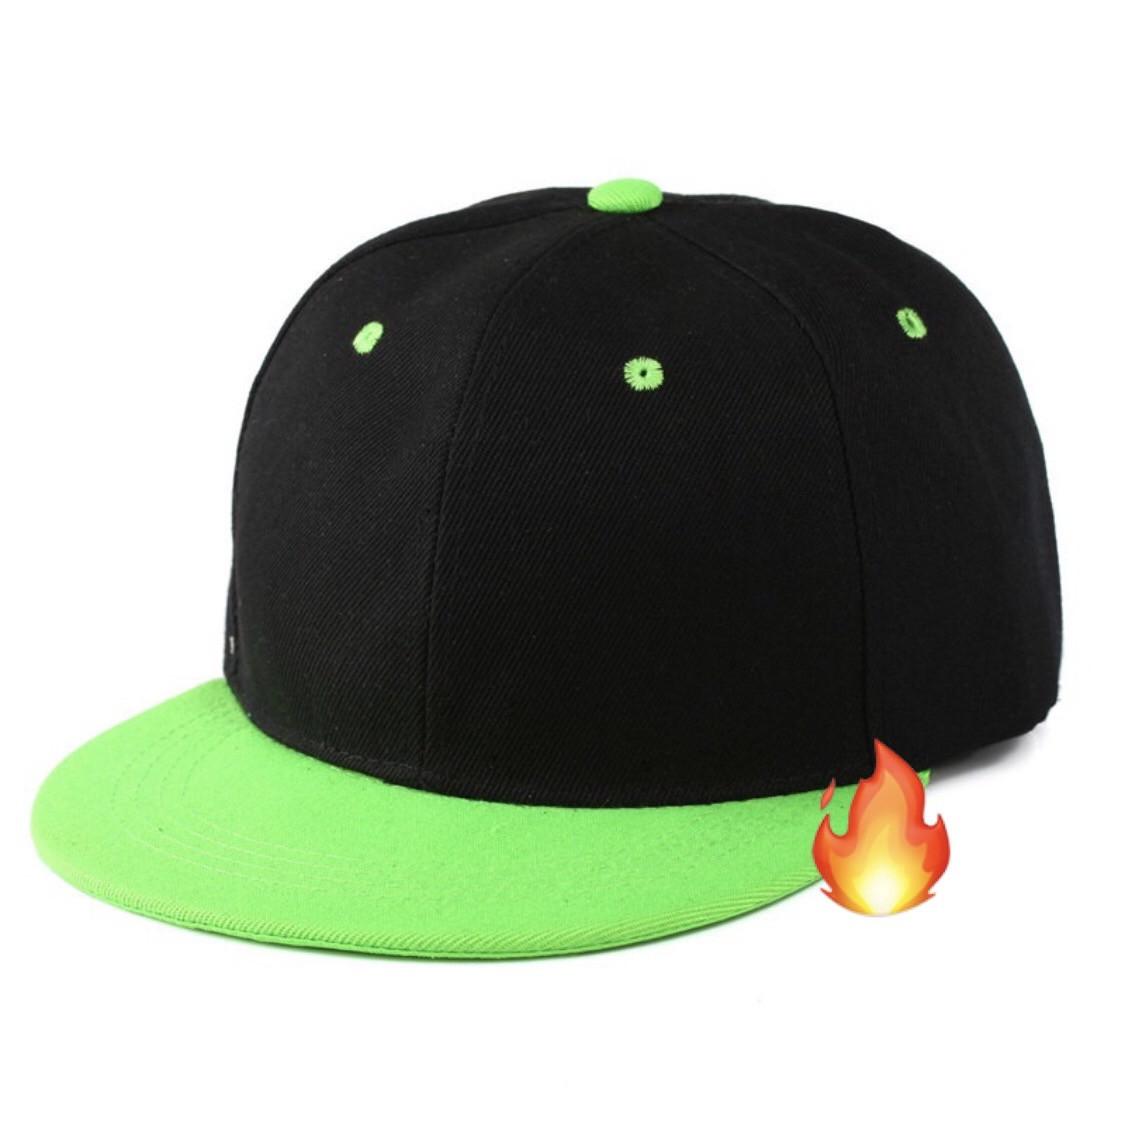 Кепка с прямым козырьком однотонная черная зеленая салатовая